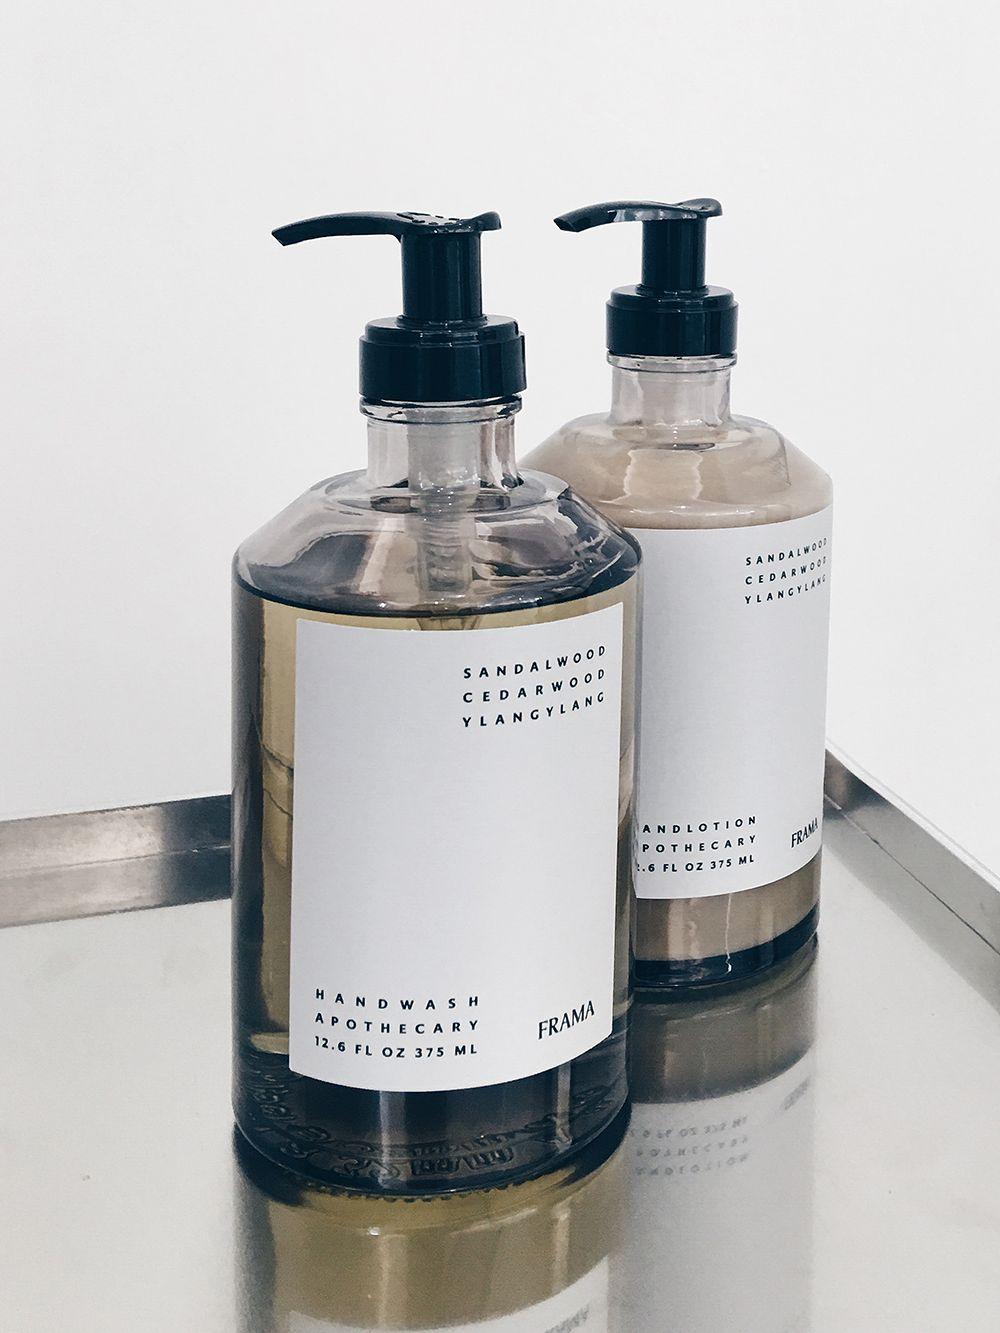 Frama: Apothecary hand soap